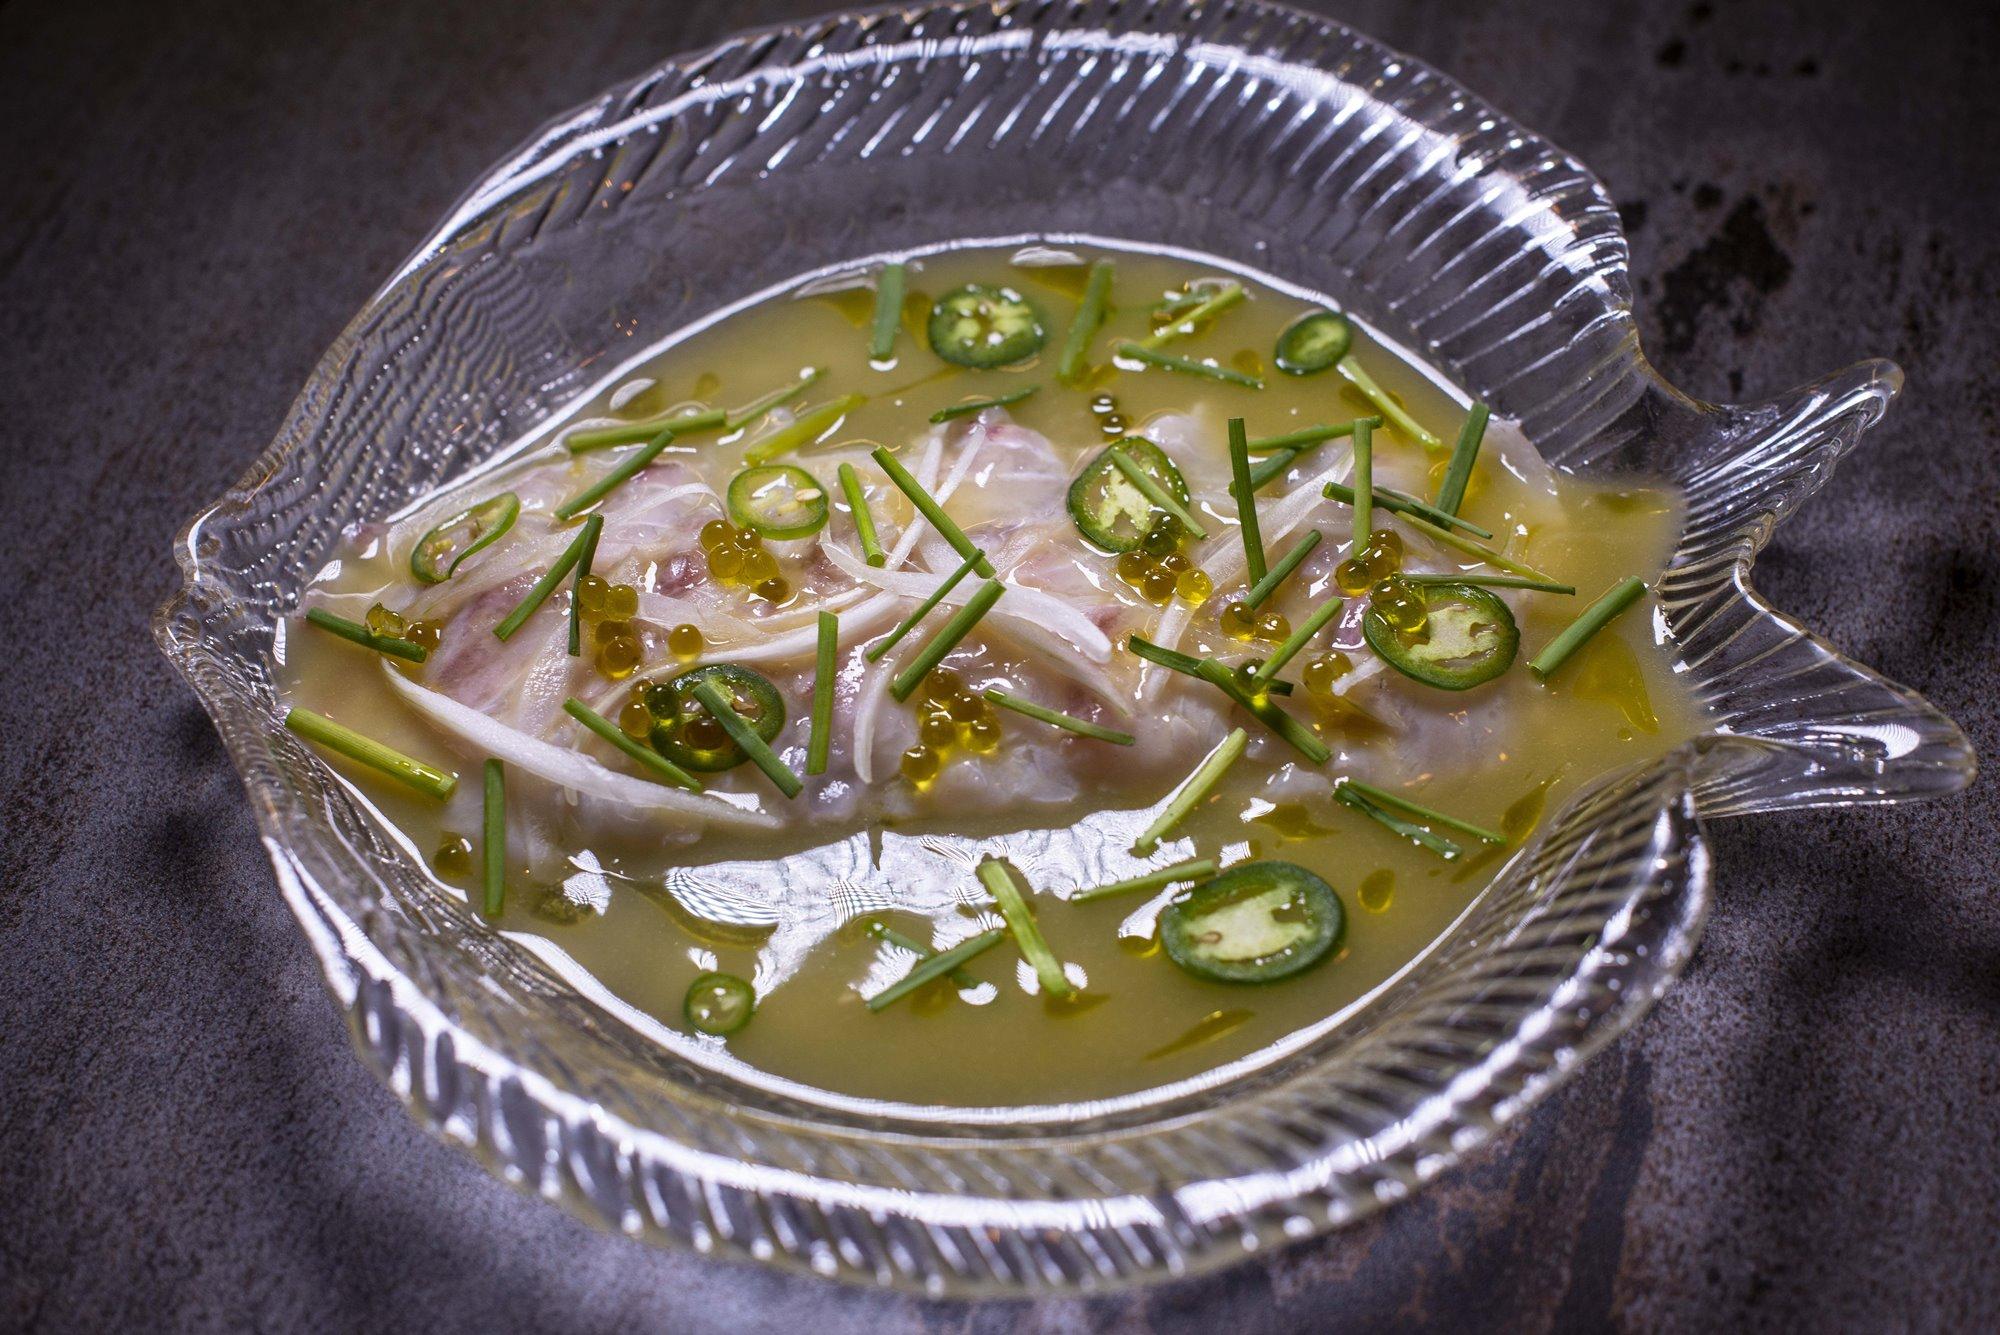 Tiradito de 'peixe' con jalapeños ardientes.